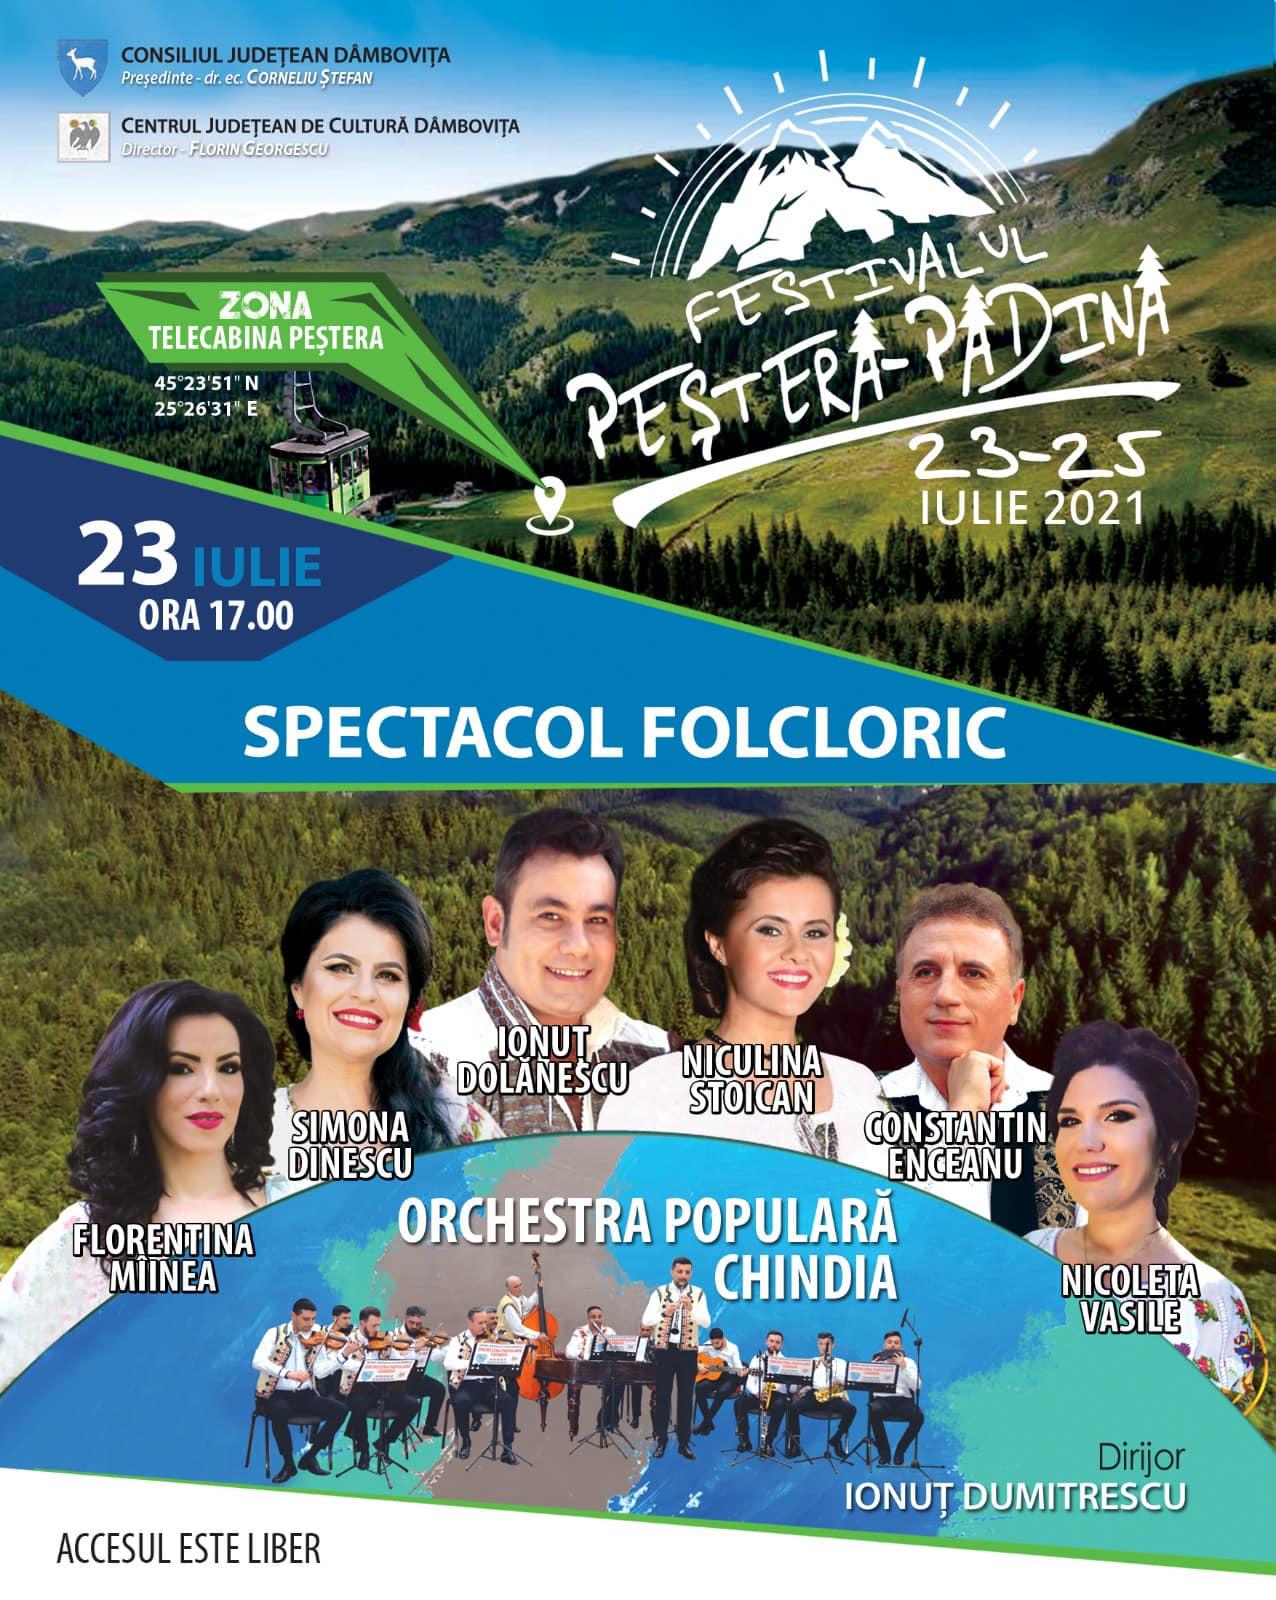 """Festivalul """"Peștera-Padina"""", în Munții Bucegi. 23 – 25 iulie, la 1.500 metri altitudine, în zona """"Telecabina Peștera"""""""